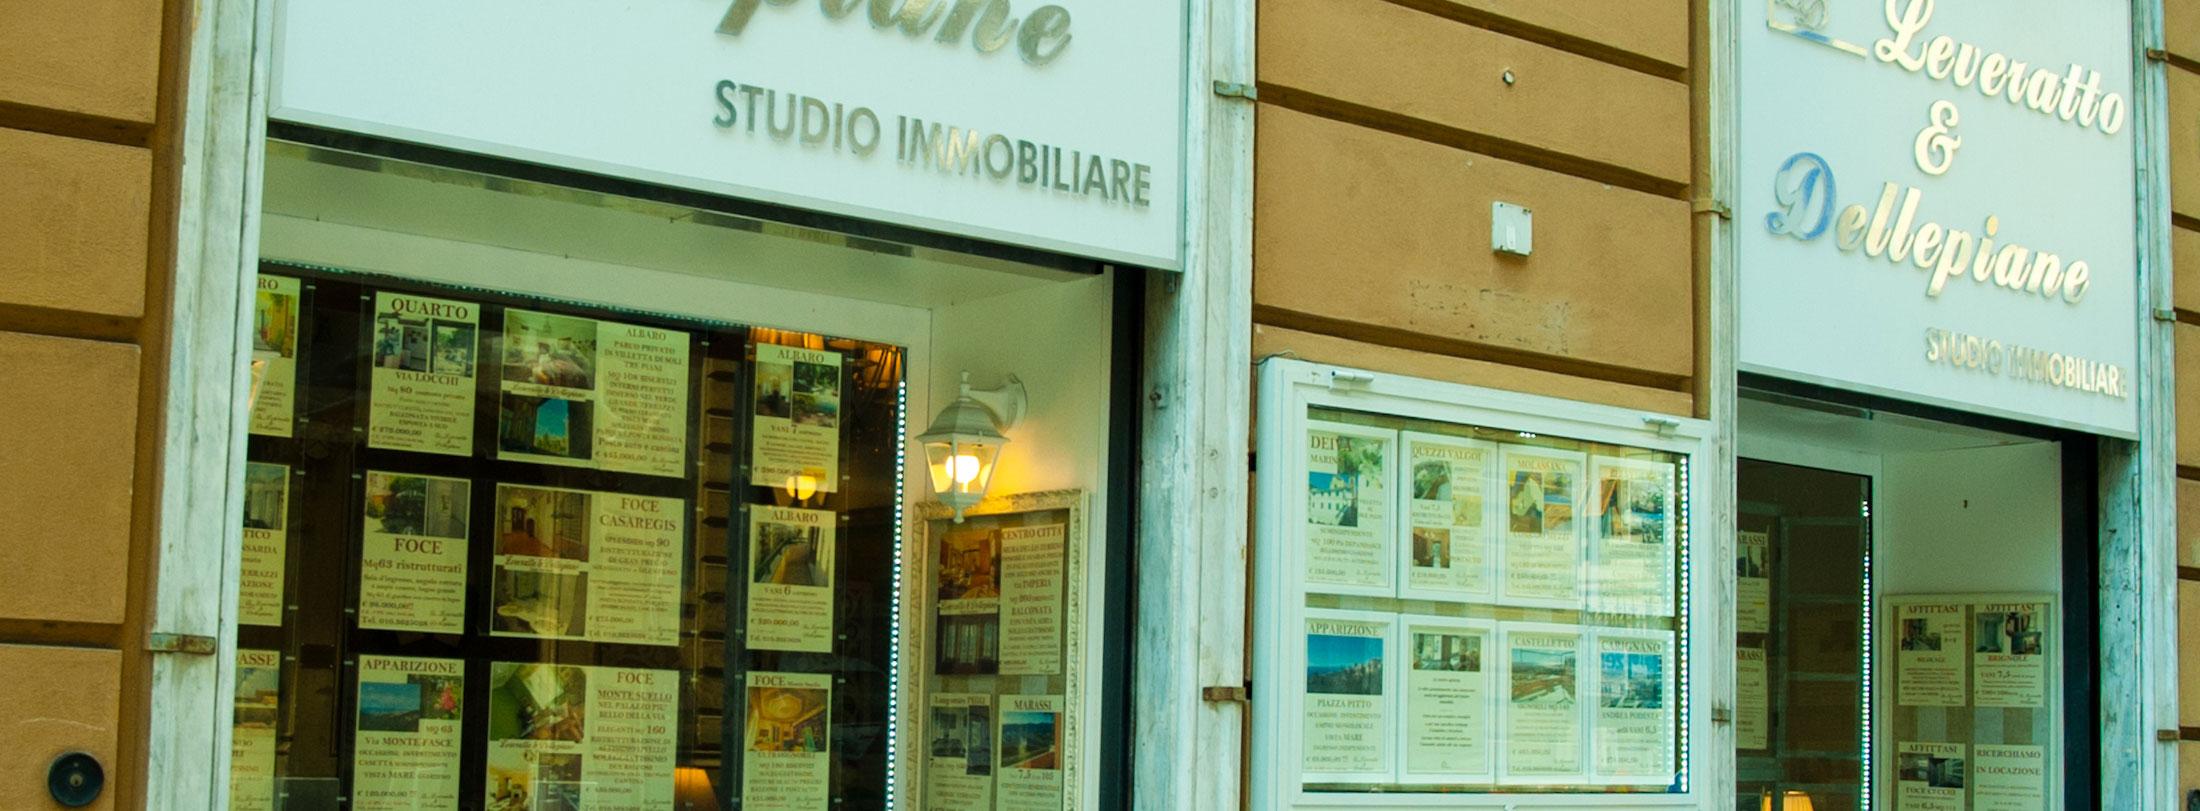 Studio immobiliare genova studio leveratto dellepiane - Casa base immobiliare ...